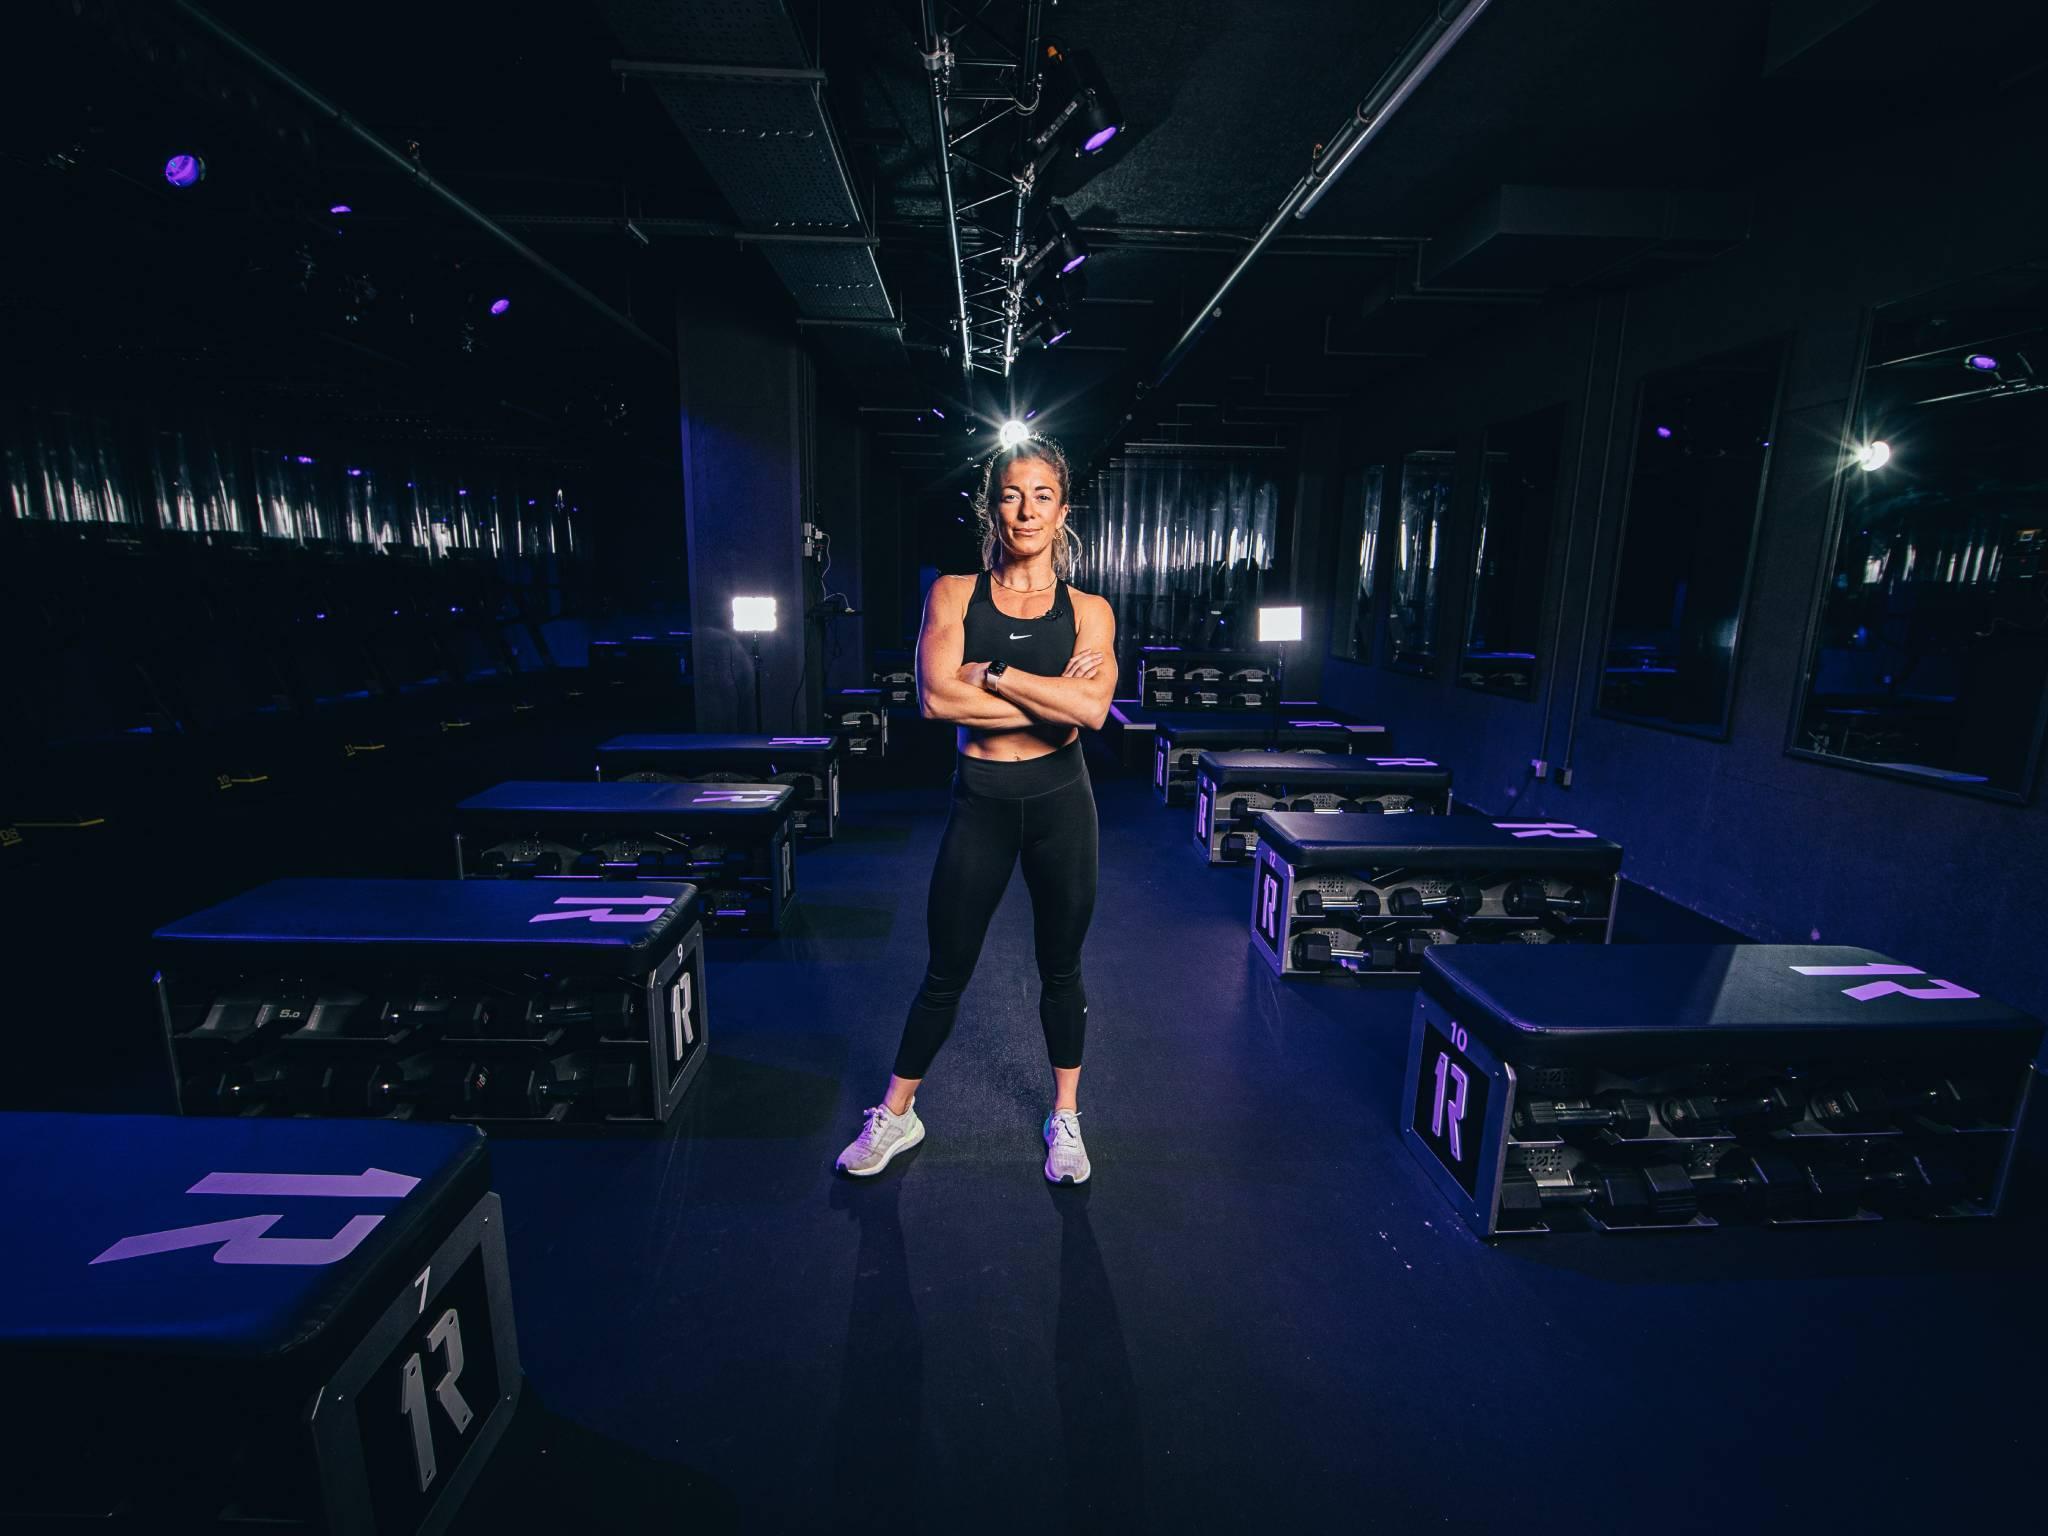 1rebel, gyms